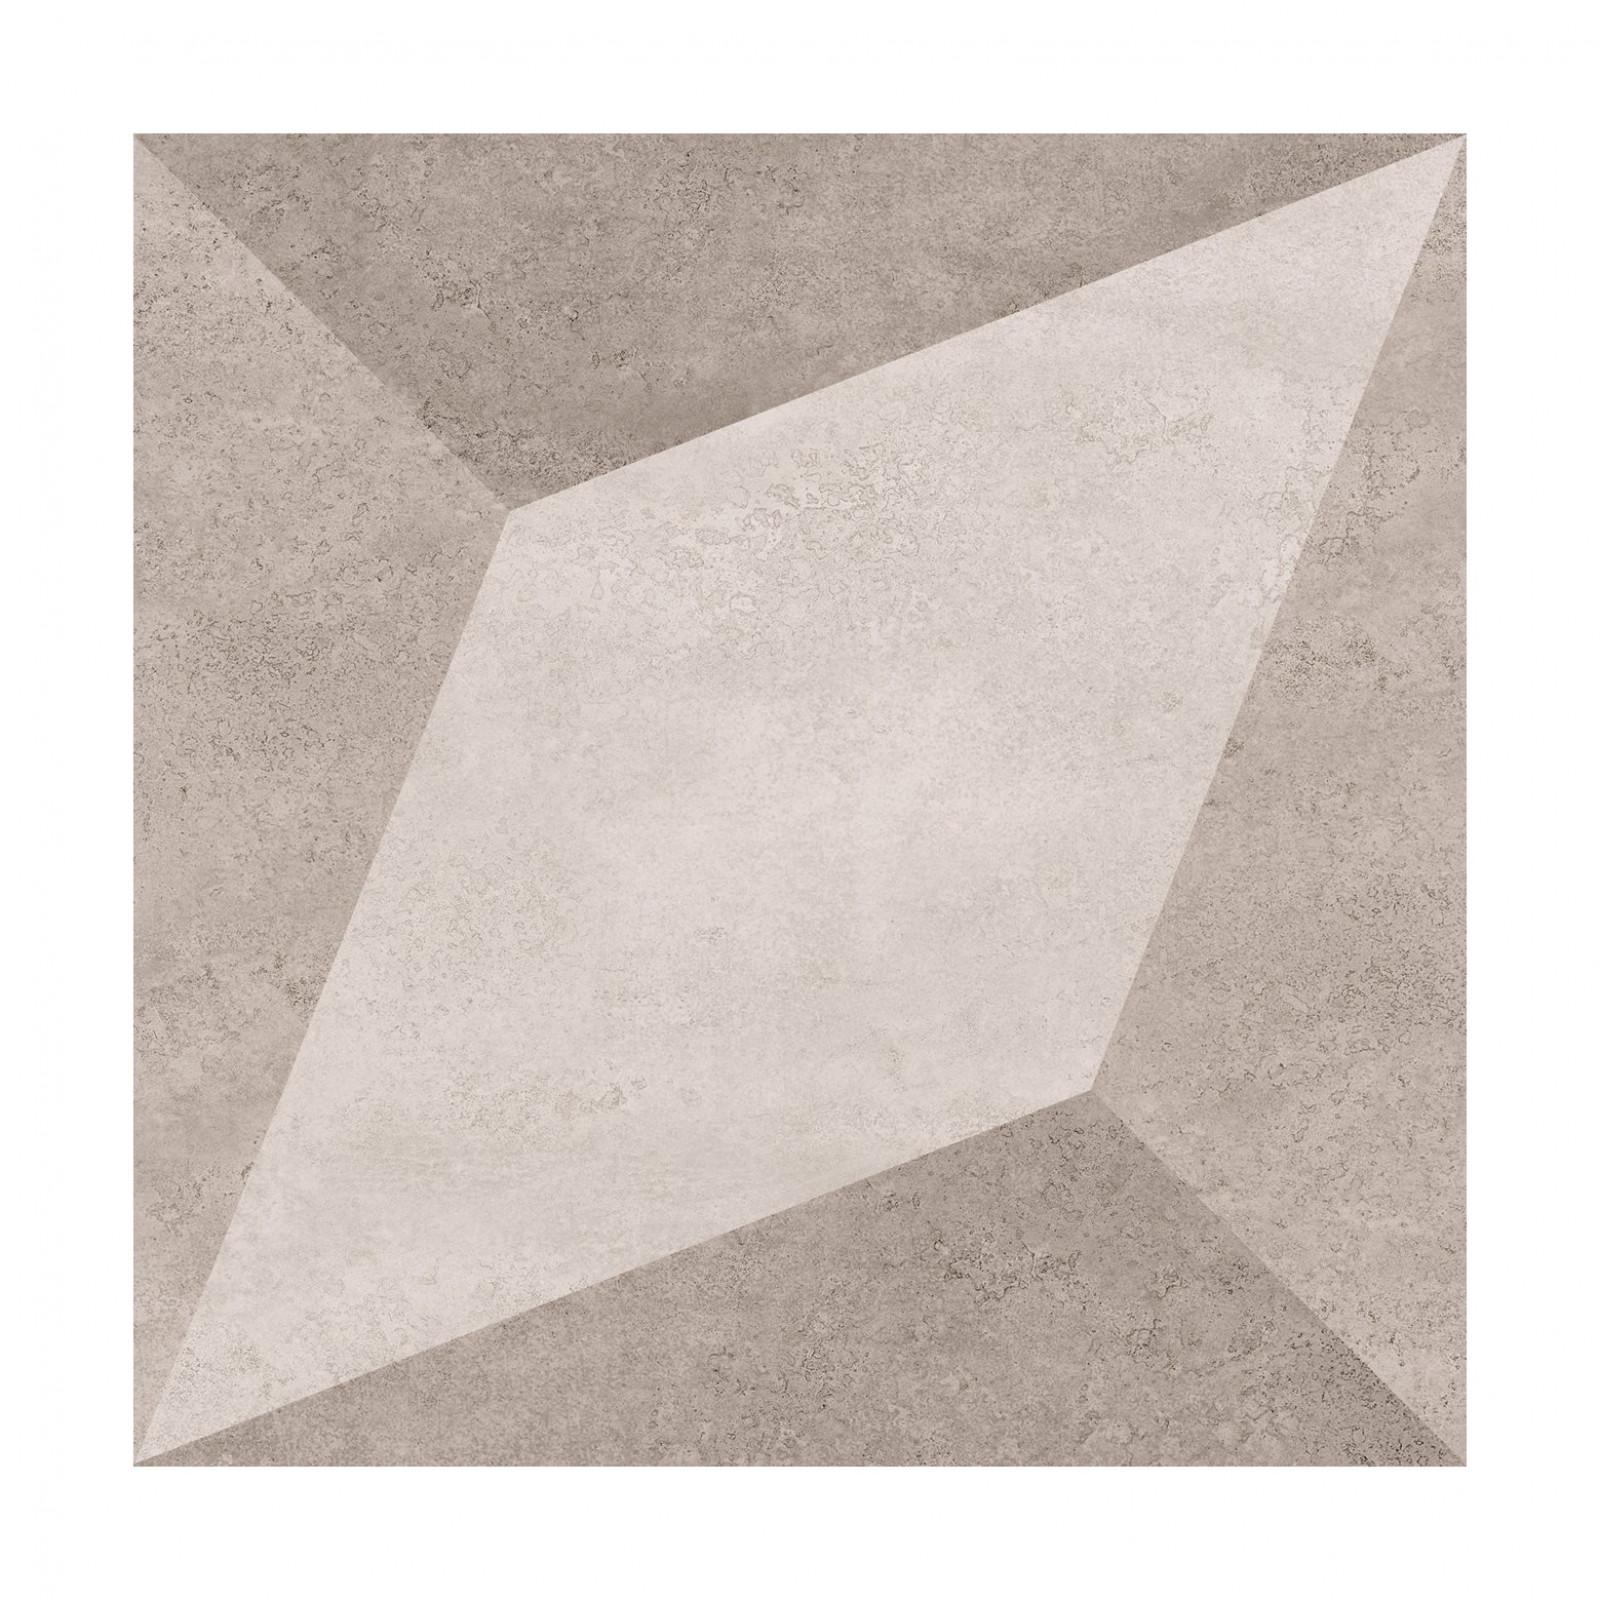 Henry beige feature BCT49340 33,1x33,1 I sort - Hansas Plaadimaailm